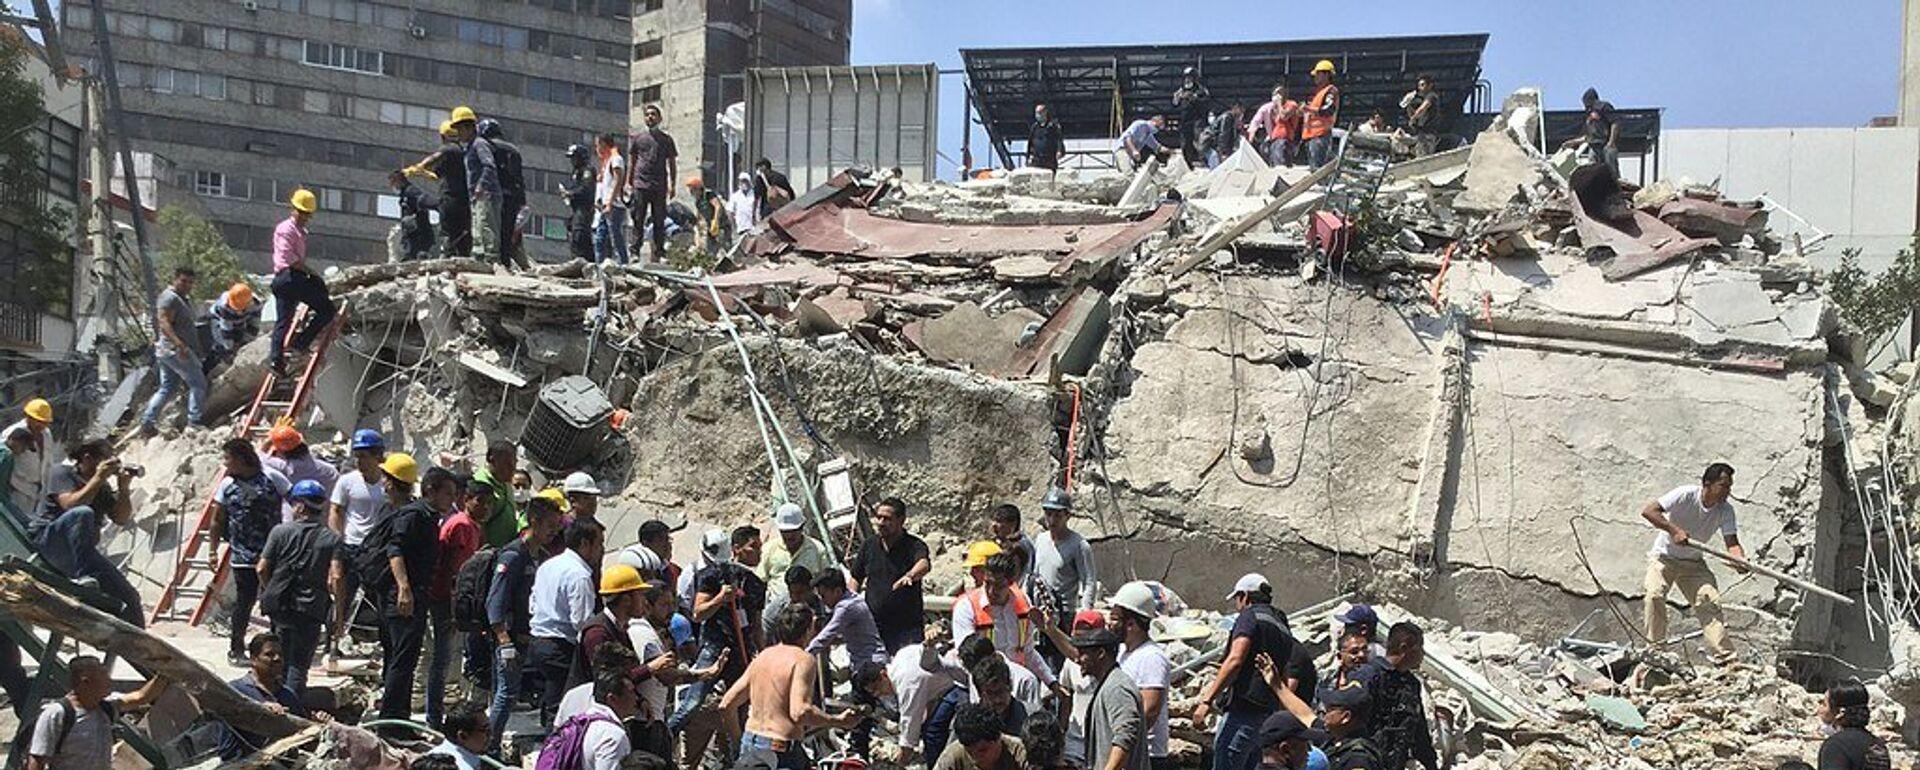 Terremoto de 2017 en México - Sputnik Mundo, 1920, 19.09.2019